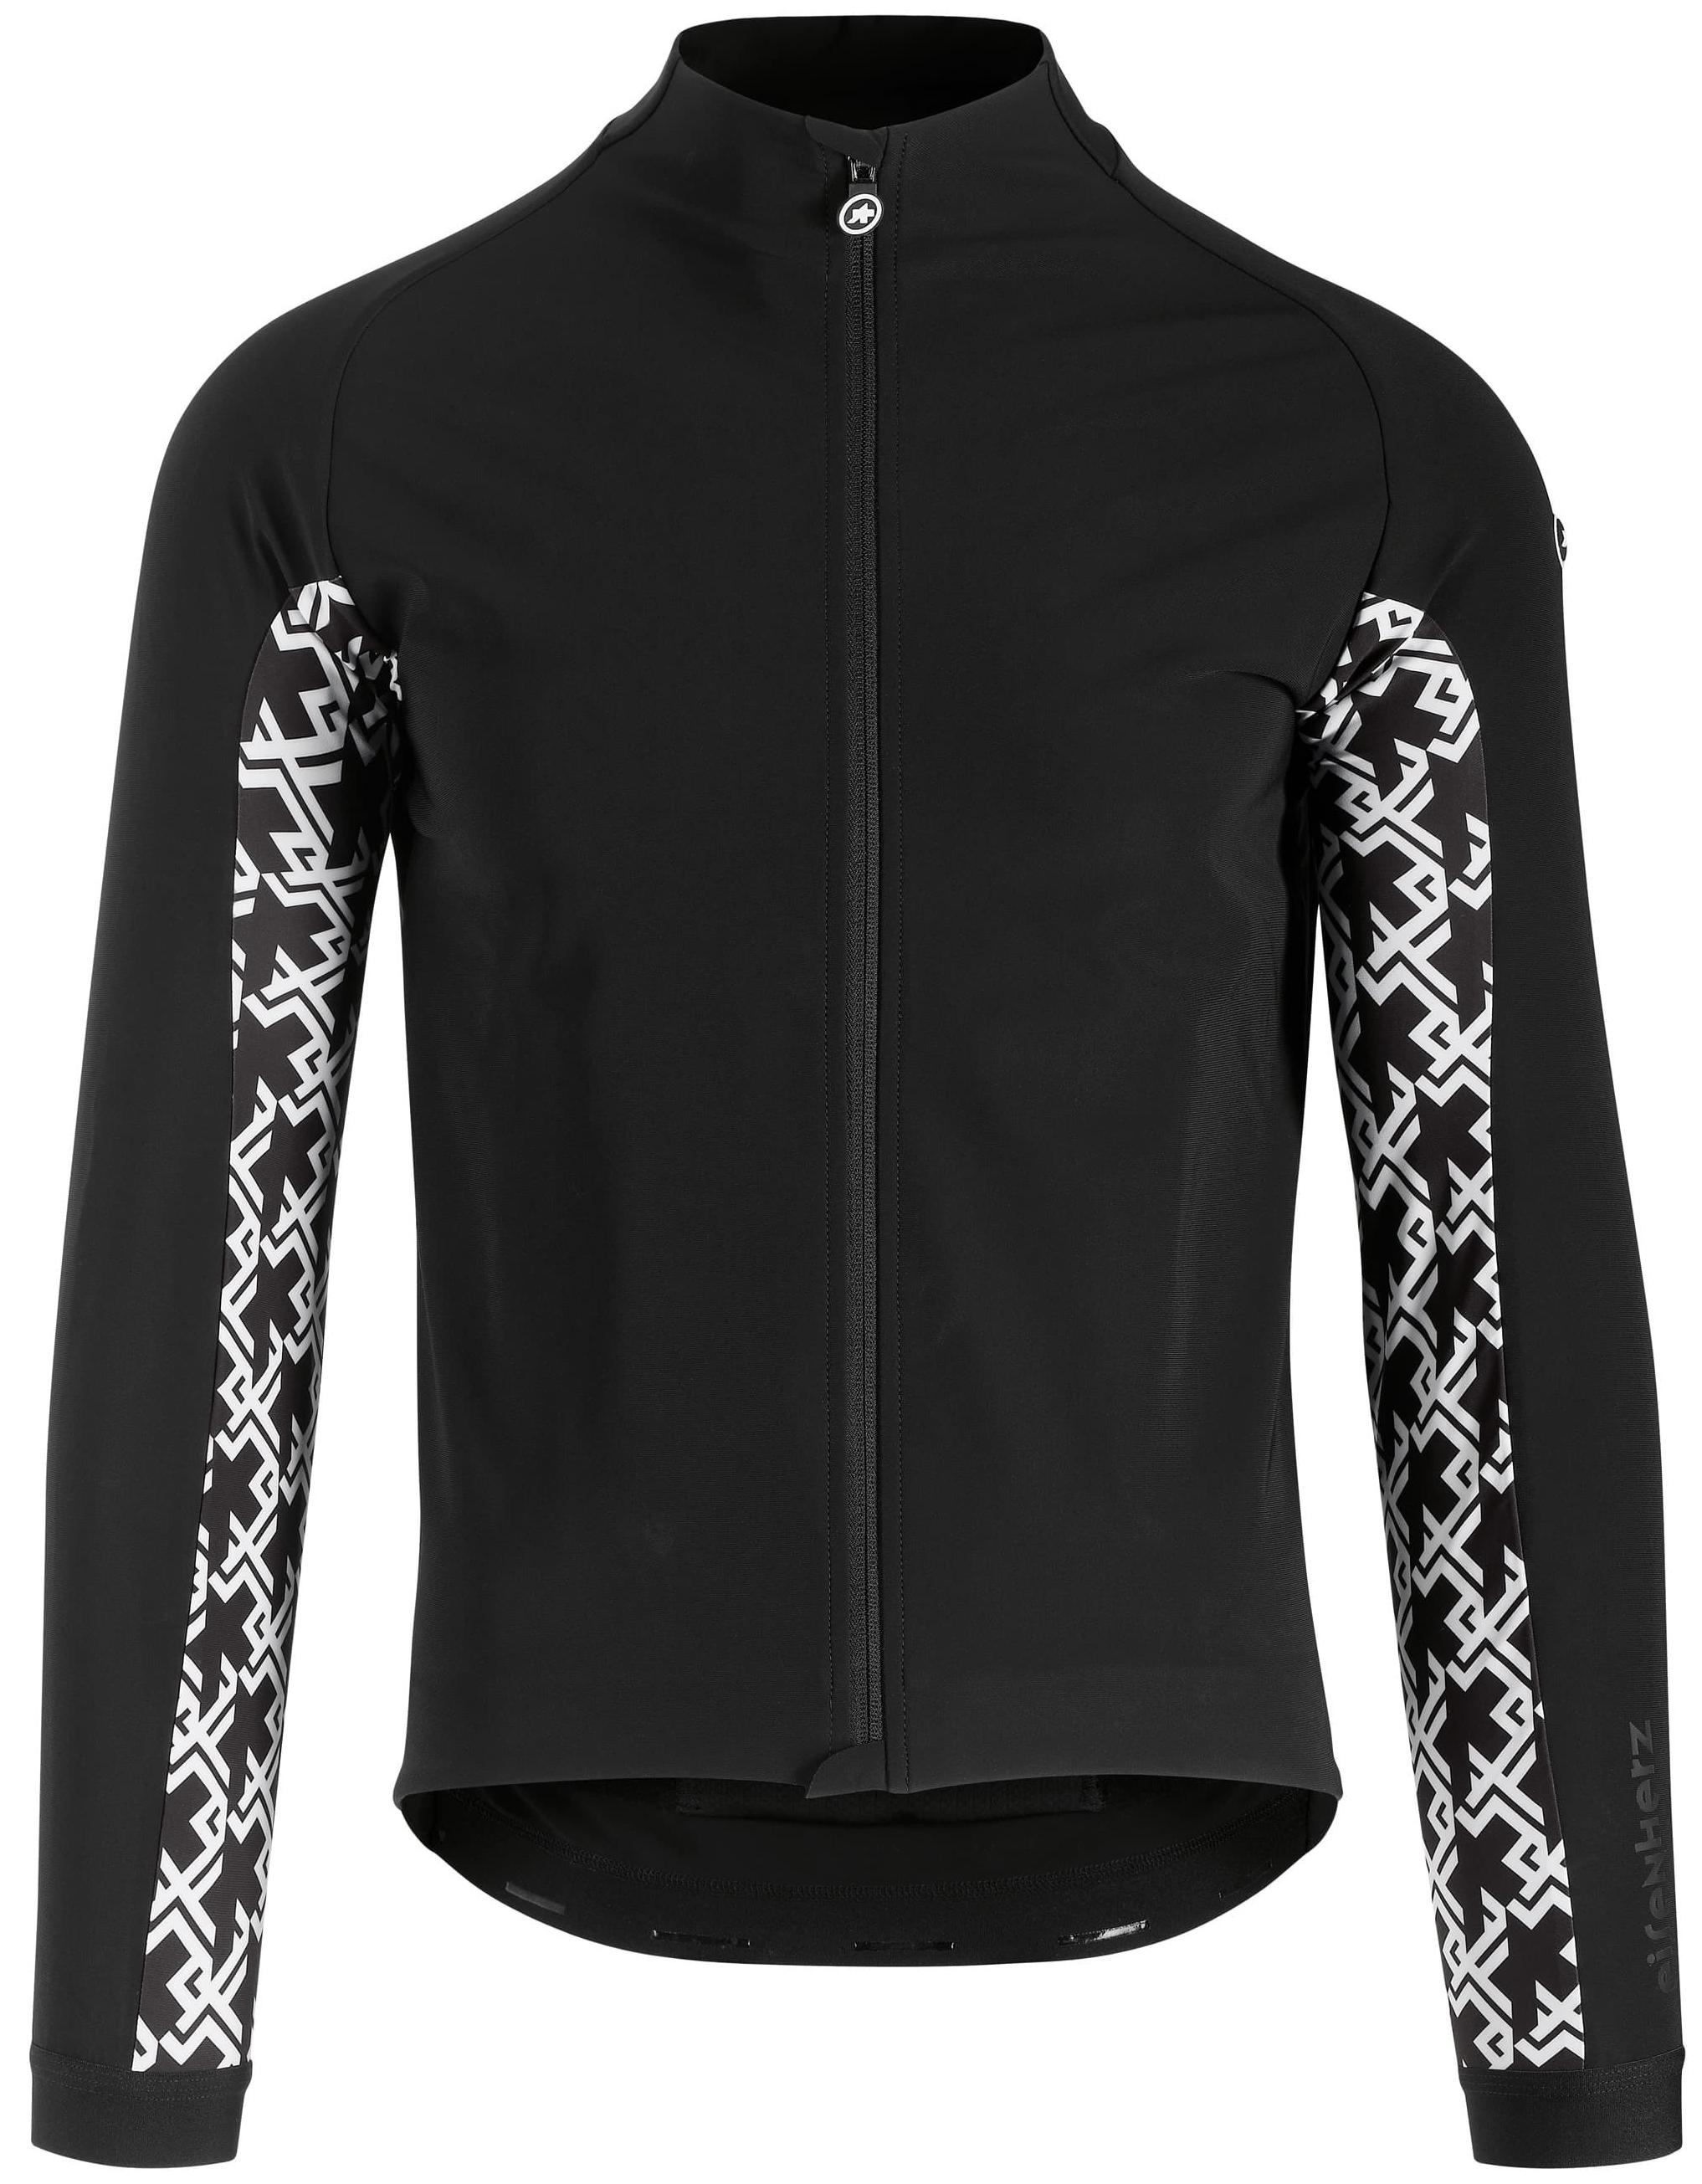 Assos Mille GT Ultraz Winter Jacket Men's Size XX Large in Black